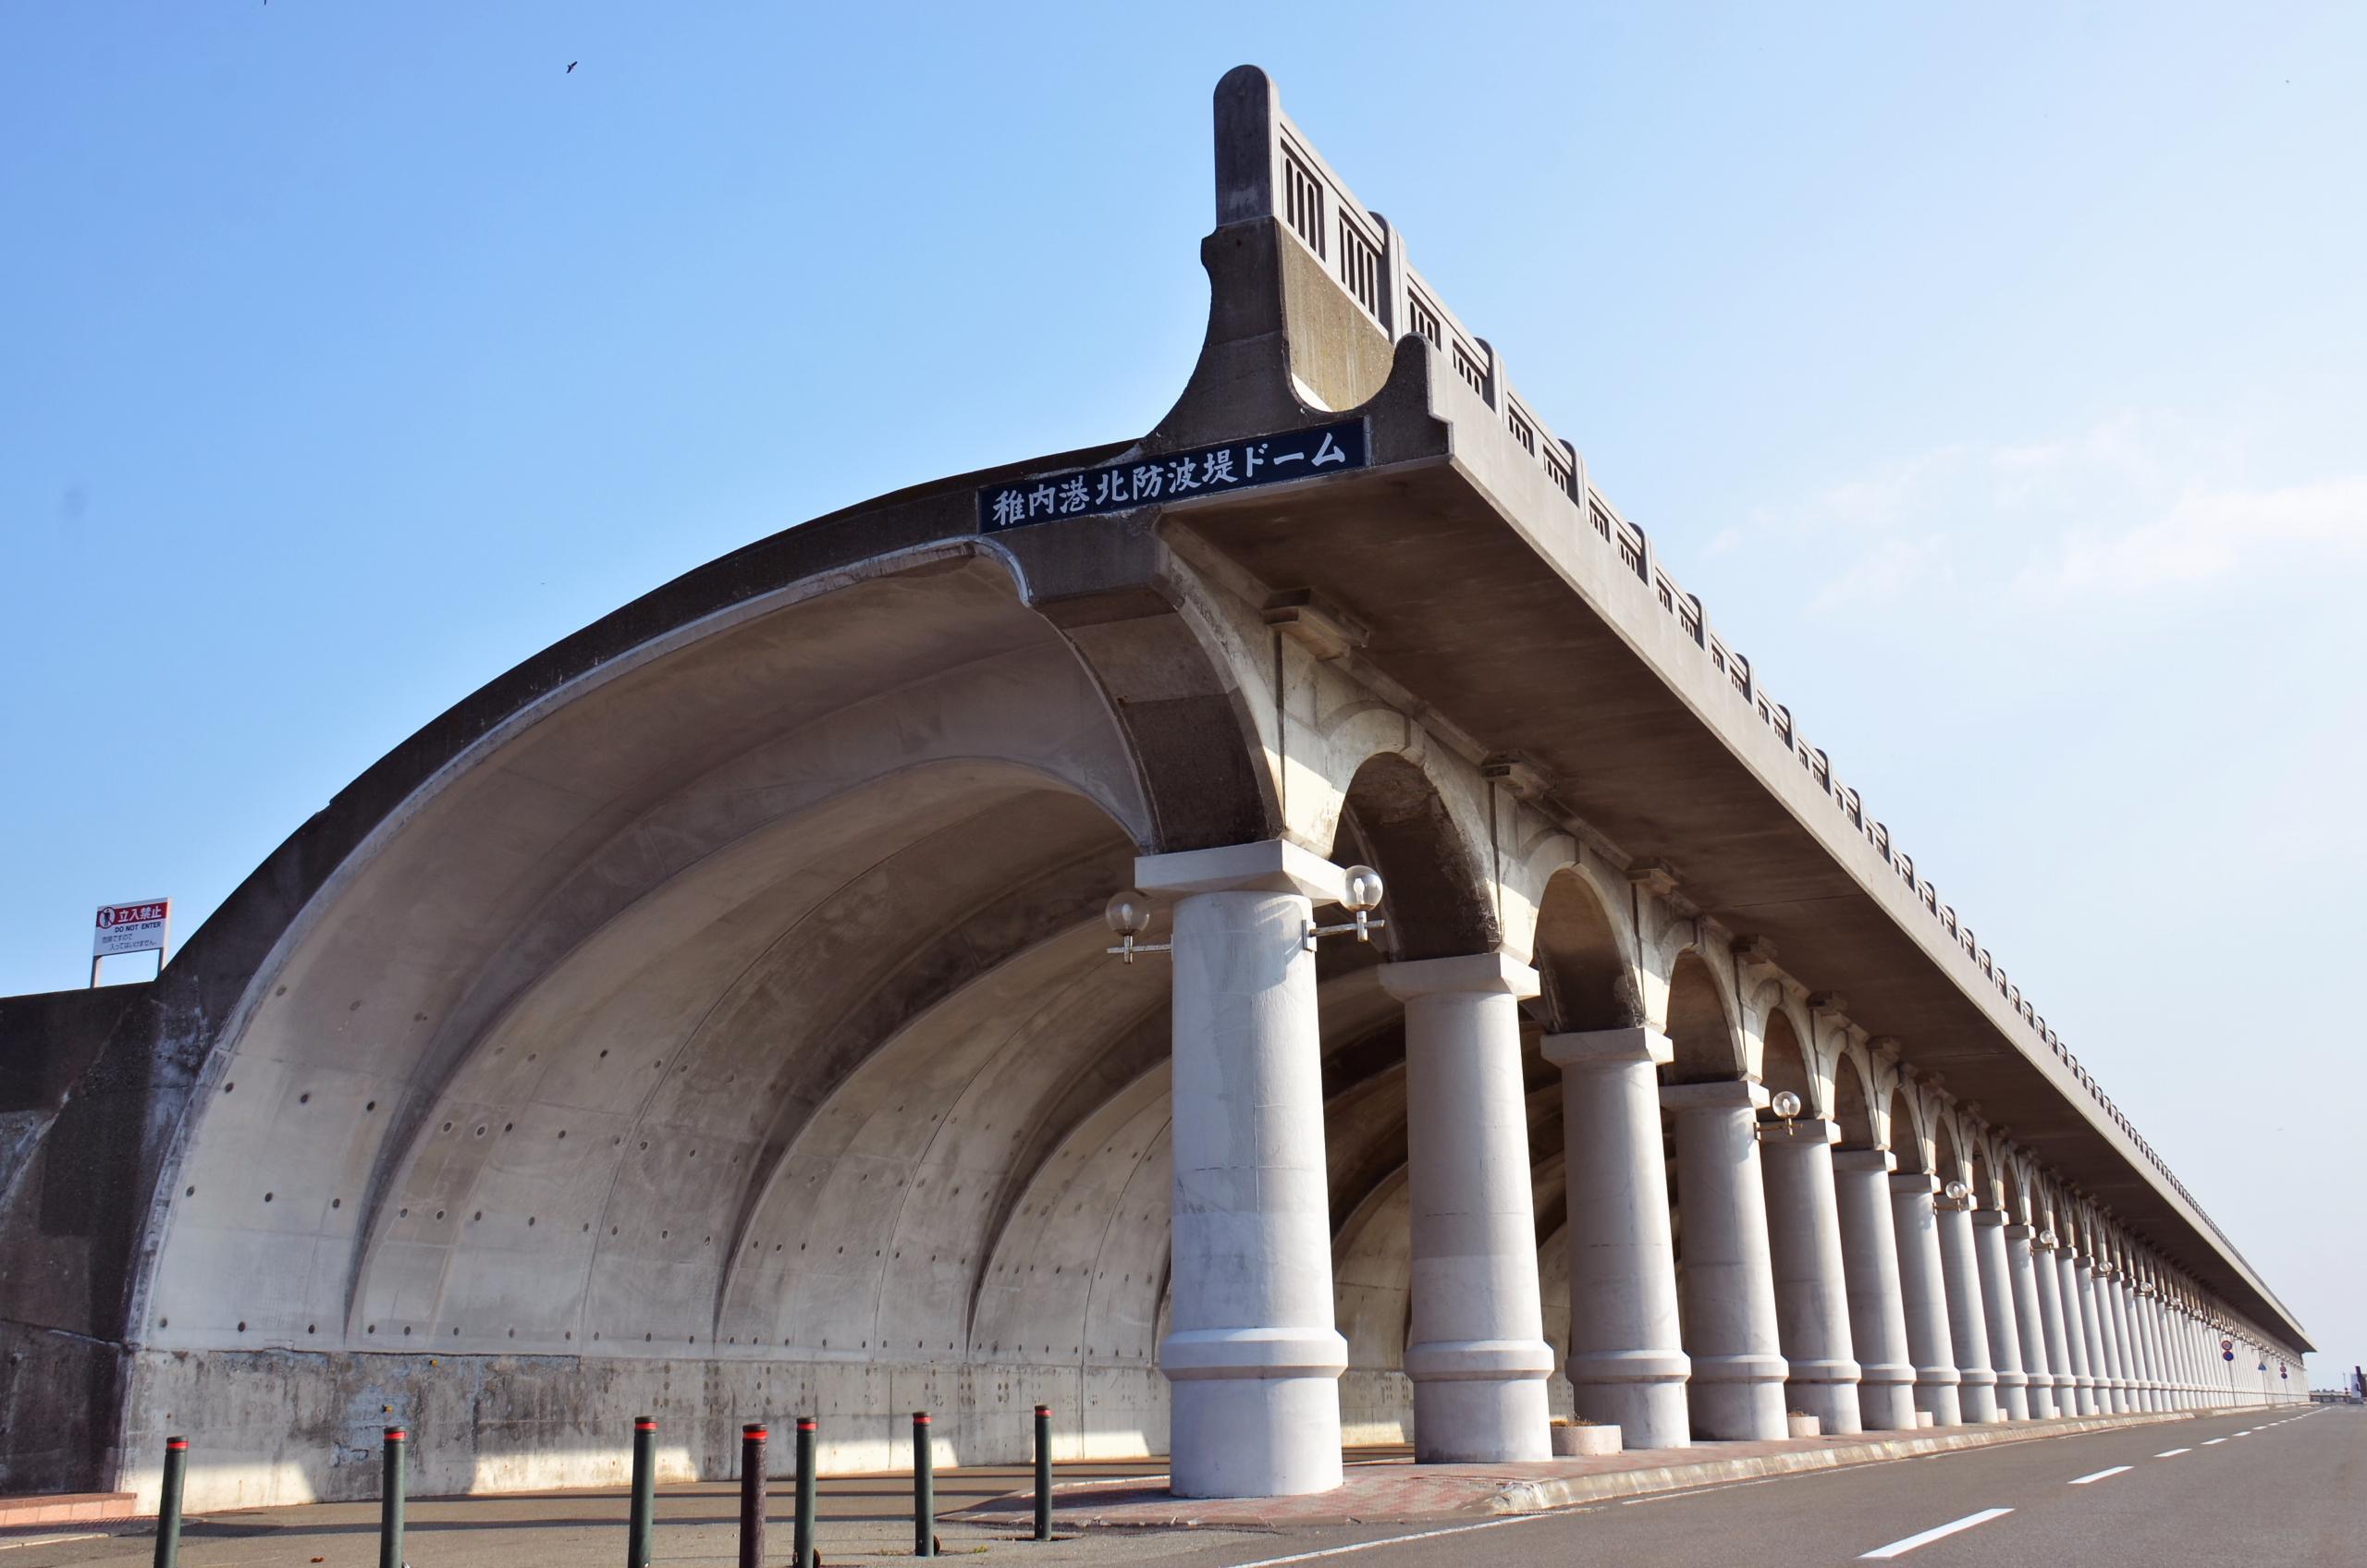 稚内港北防波堤圓頂:直線與曲線相互交織的建築美景!來防波堤感受當地的歷史人文